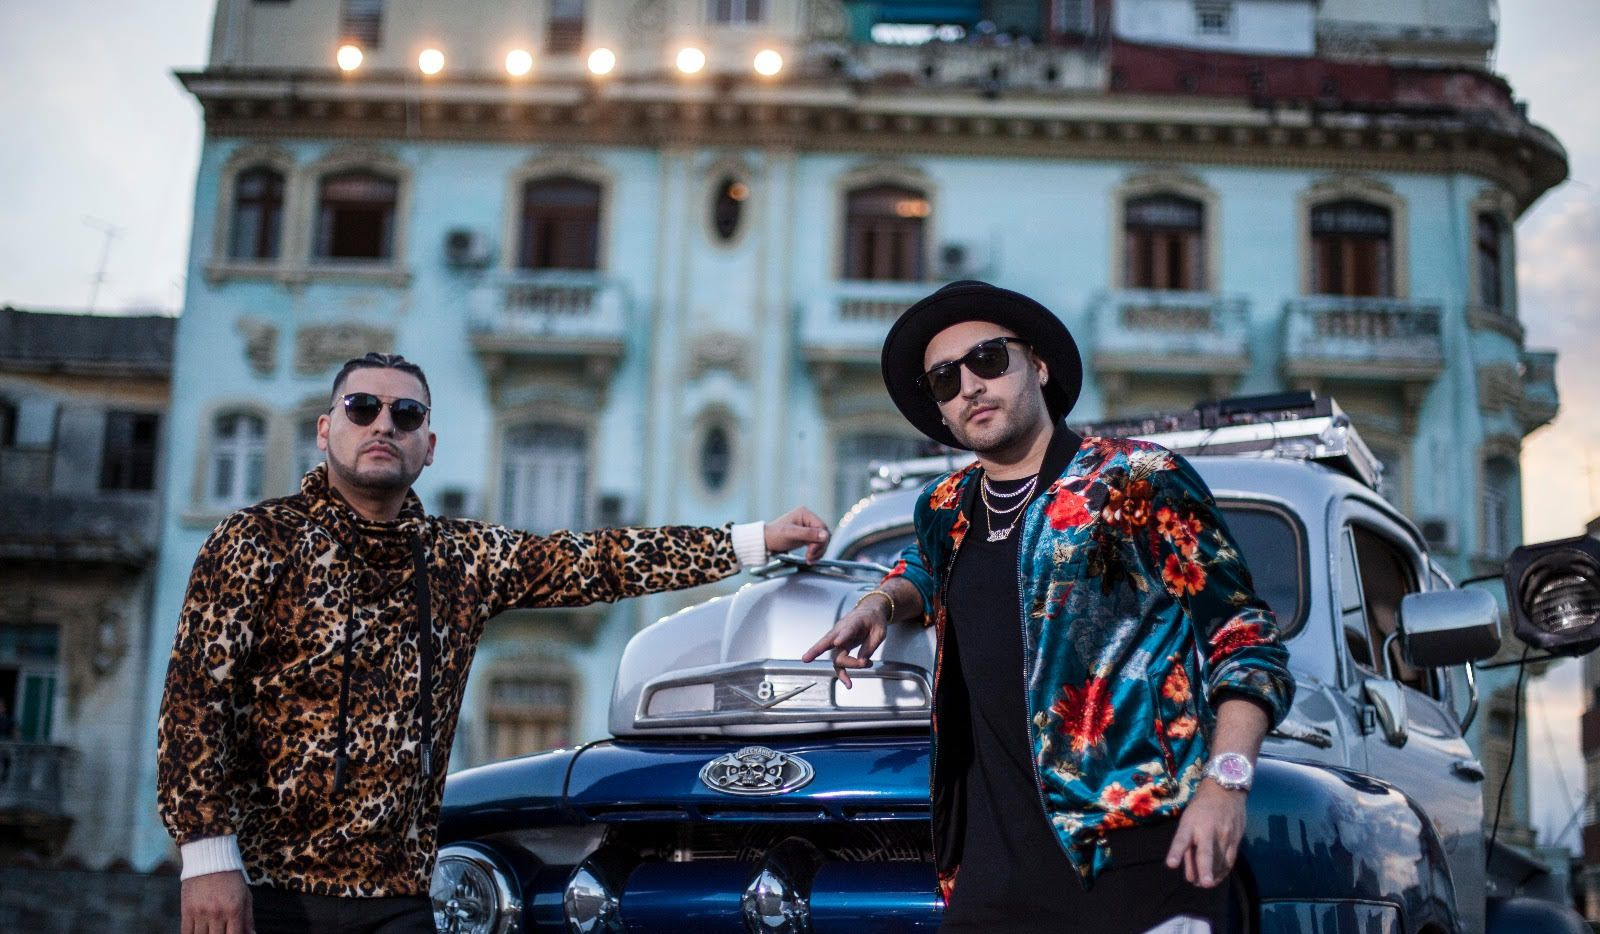 El dúo Play-N-Skillz de Irving compite en los Premios Billboard de la Música Latina. Foto cortesía